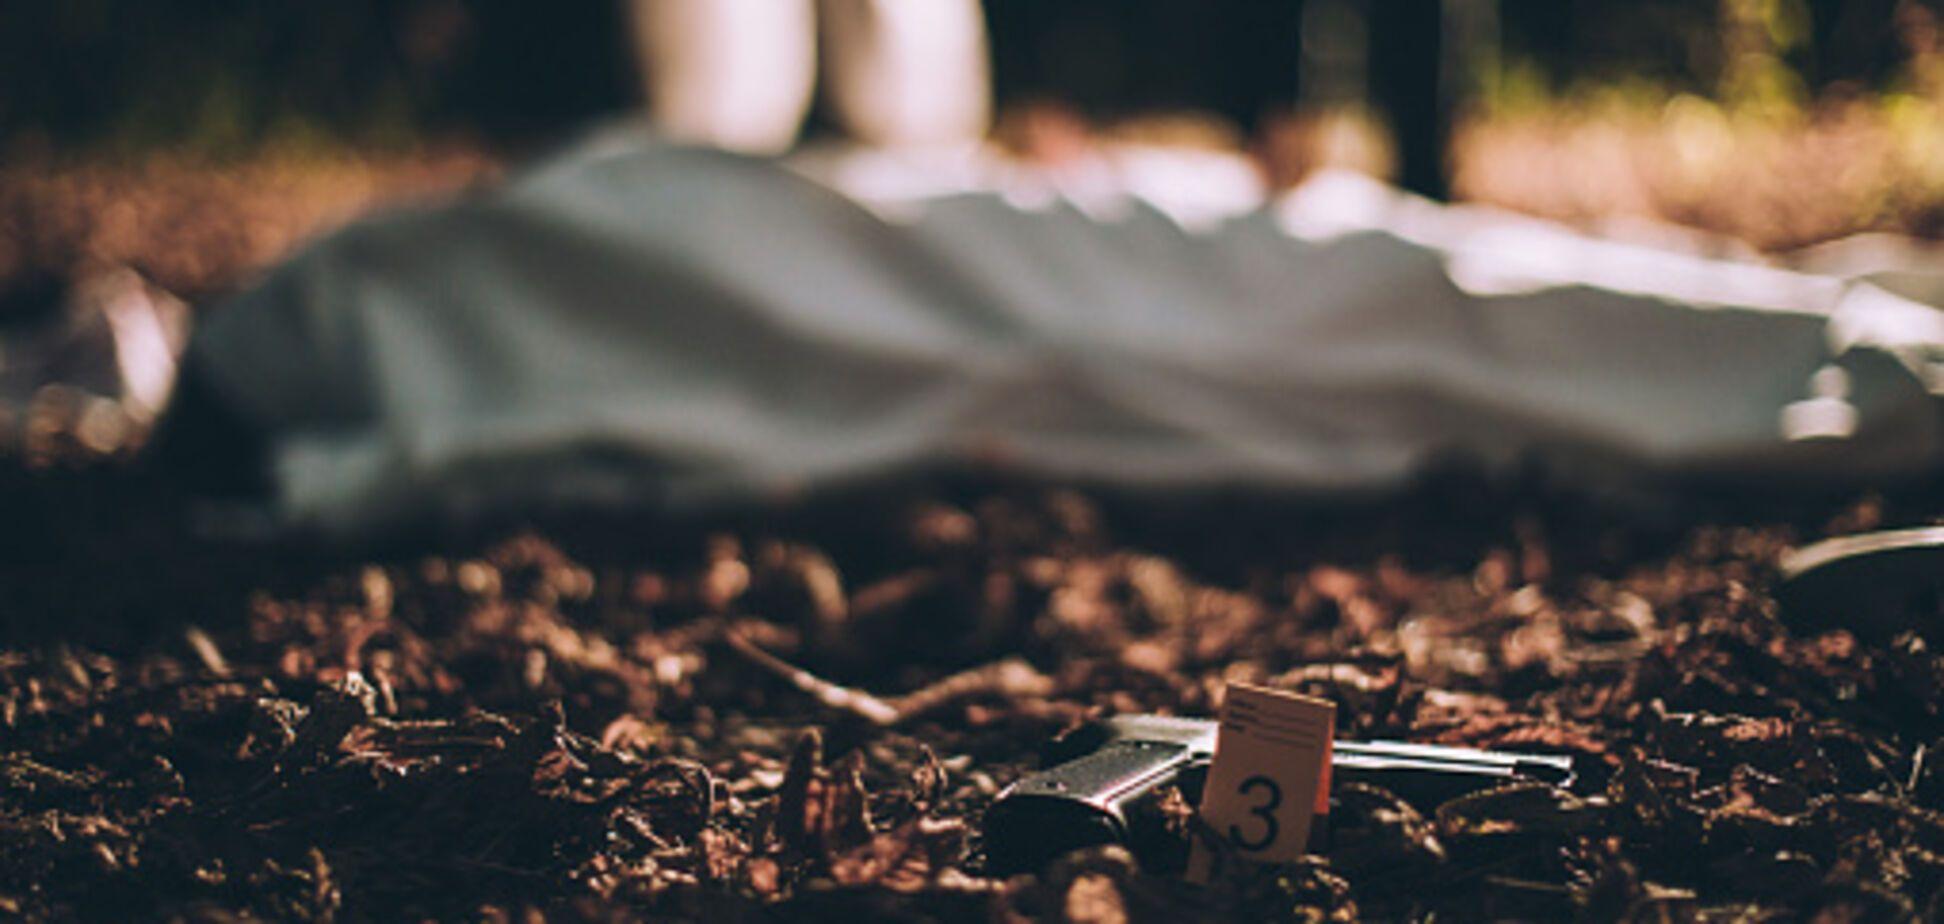 В Николаеве морпех выстрелил себе в сердце: озвучена версия суицида